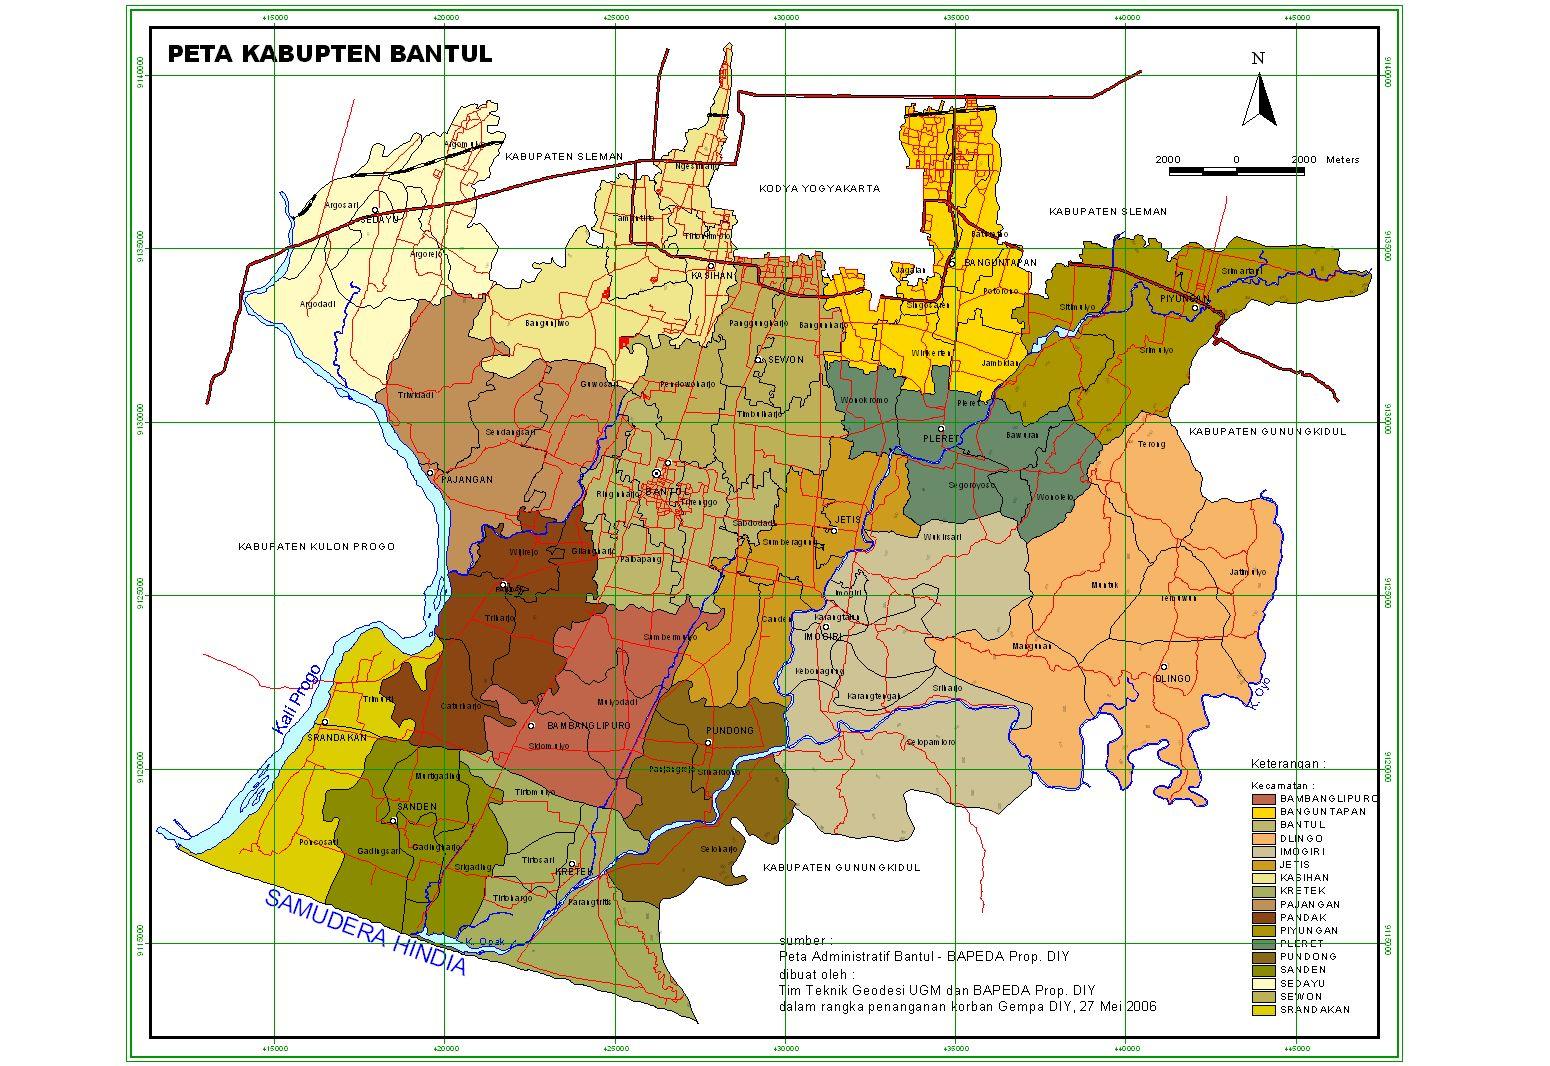 Peta Kota: Peta Kabupaten Bantul